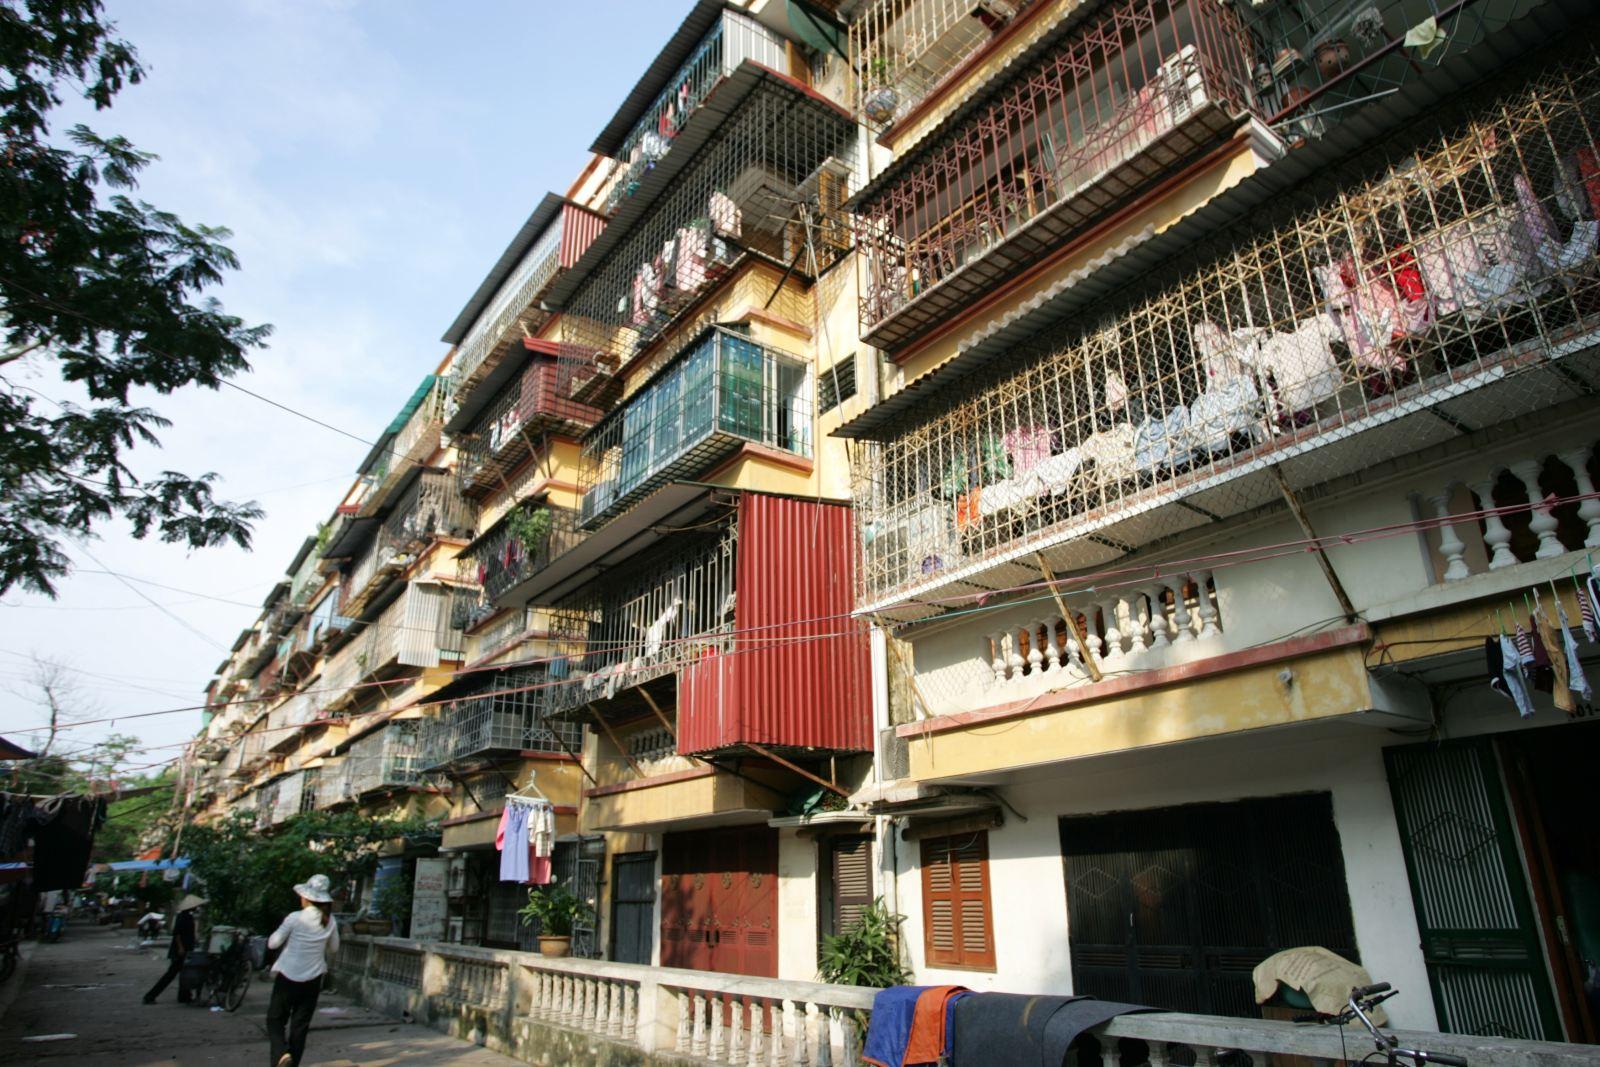 """Trung tâm thủ đô Hà Nội chuẩn bị có thêm 1 """"siêu đô thị"""""""